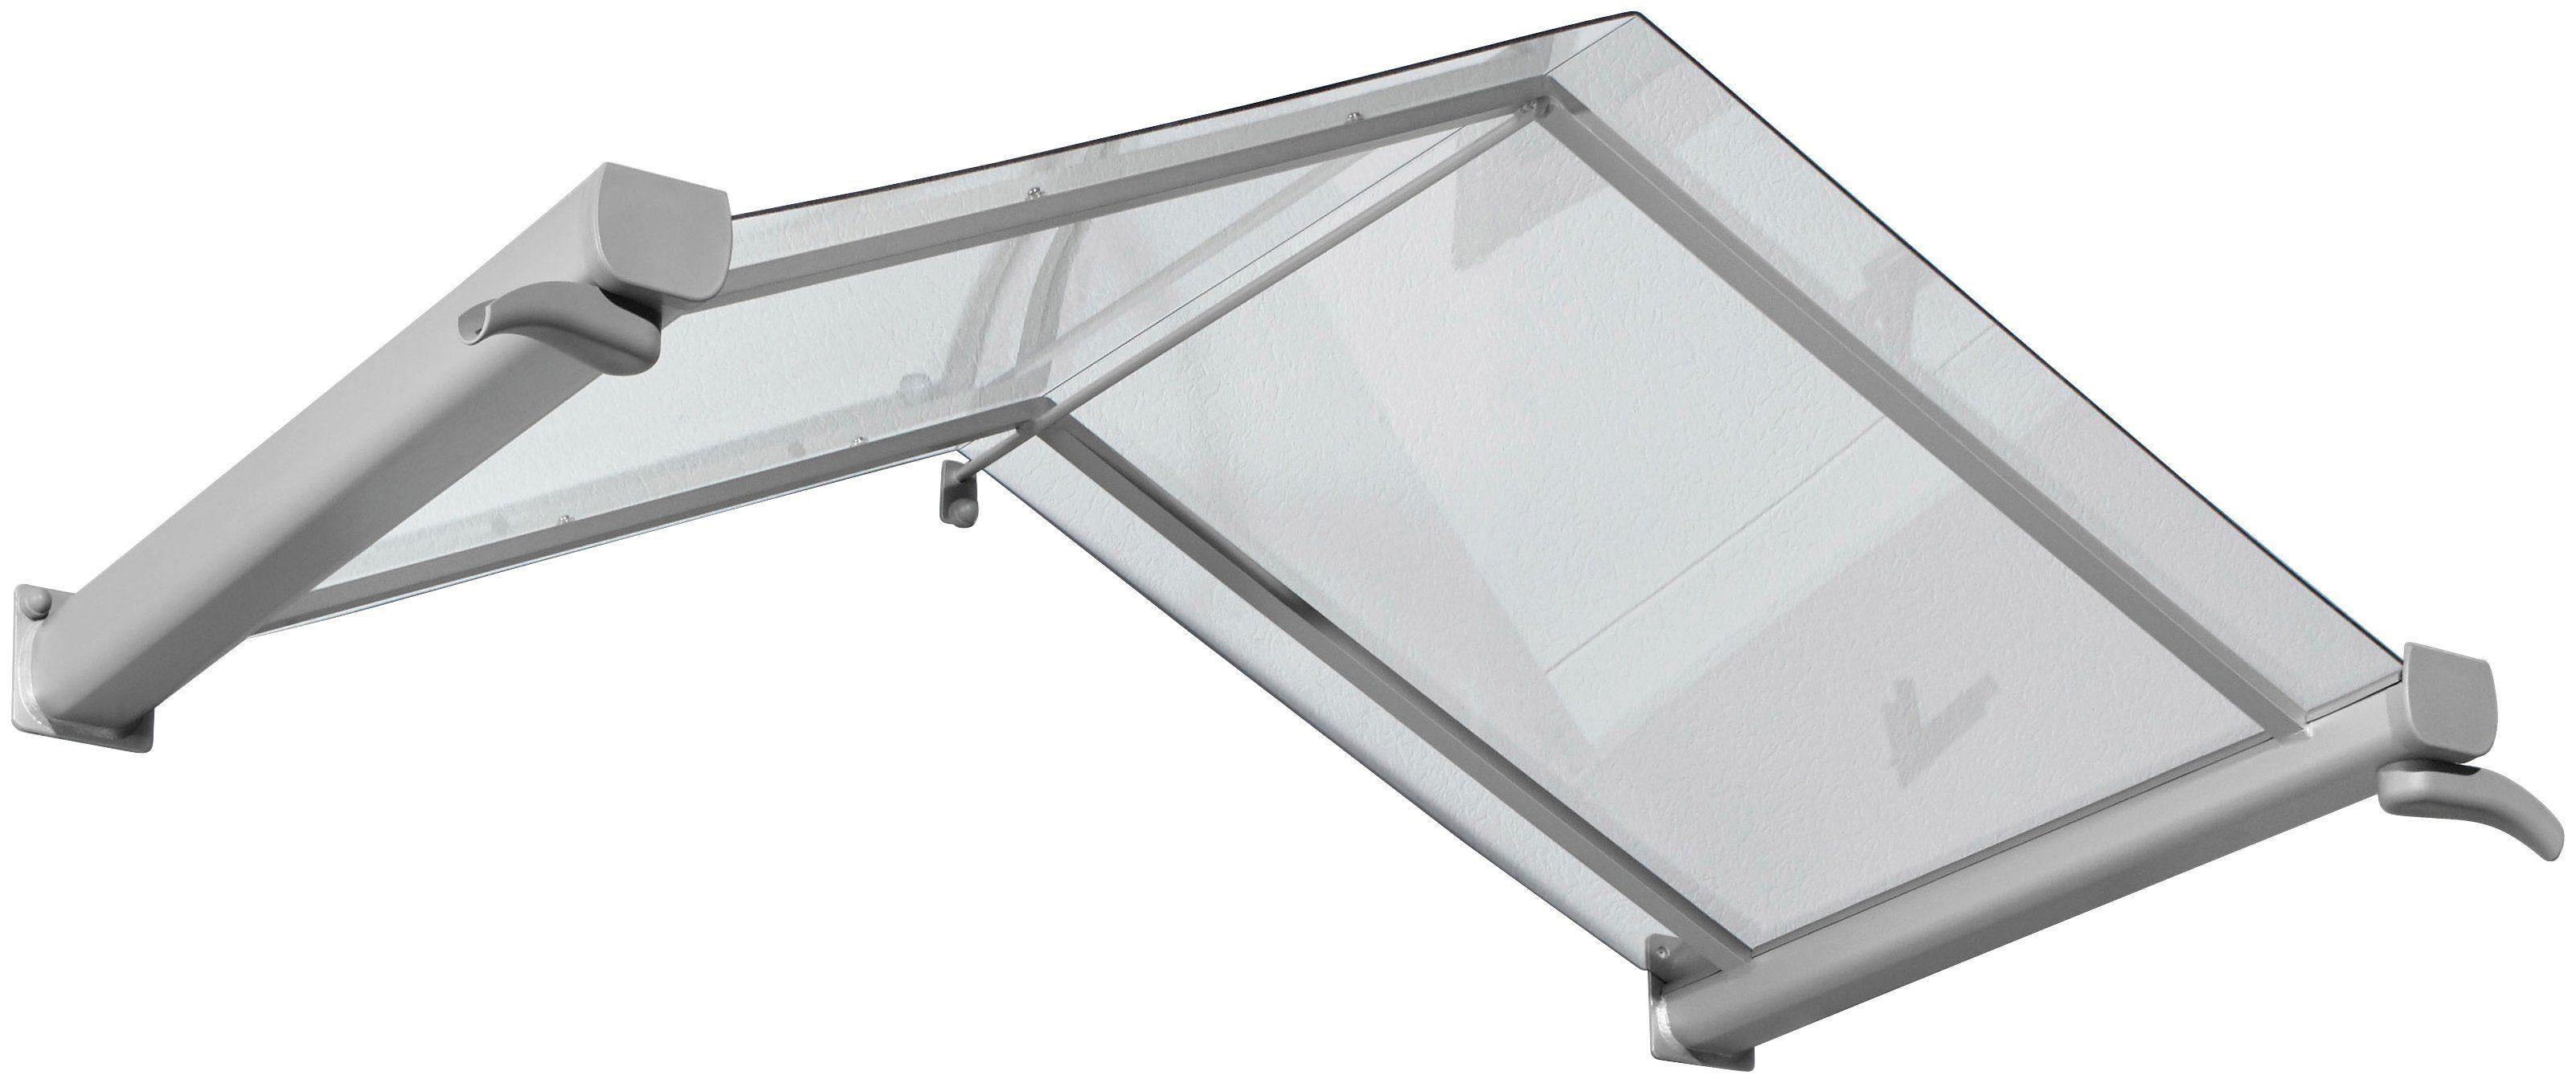 Gutta Vordach »TYP GV/T«, 160x90x40 cm, silberfarben-transparent